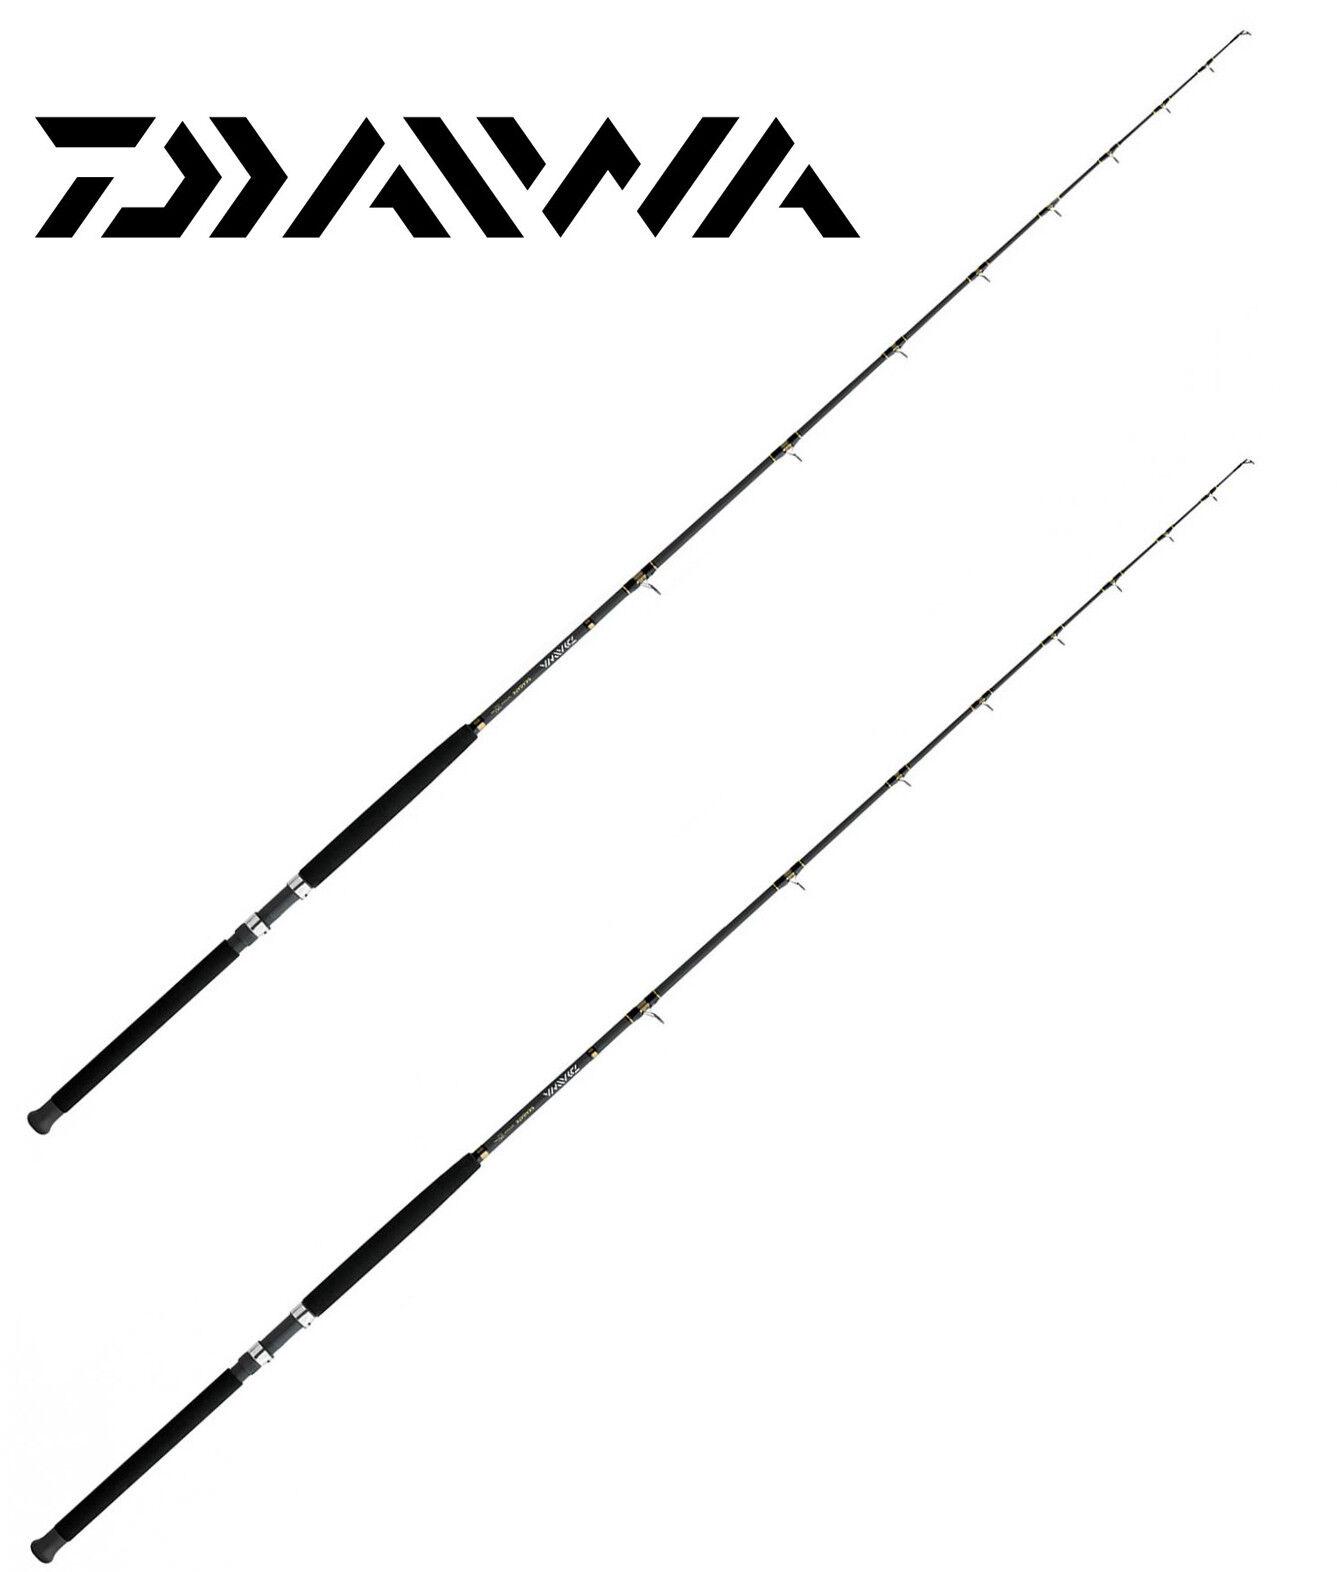 KP3638 Daiwa kit 2 Canna pesca Traina Daiwa Sealine 15 - 40 Lb súper promo CASG